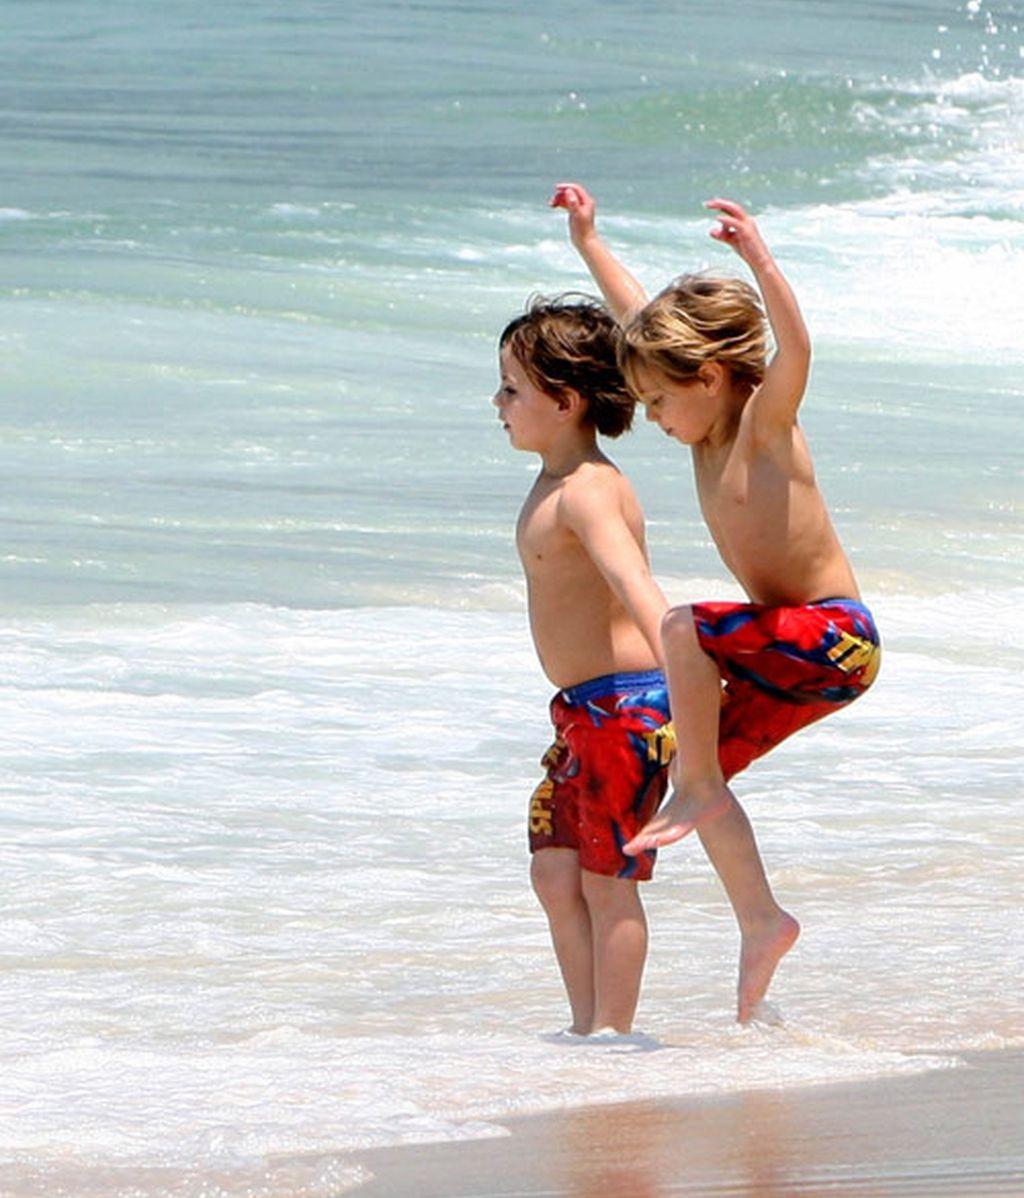 Cuando llega el frío... ¡más playa!